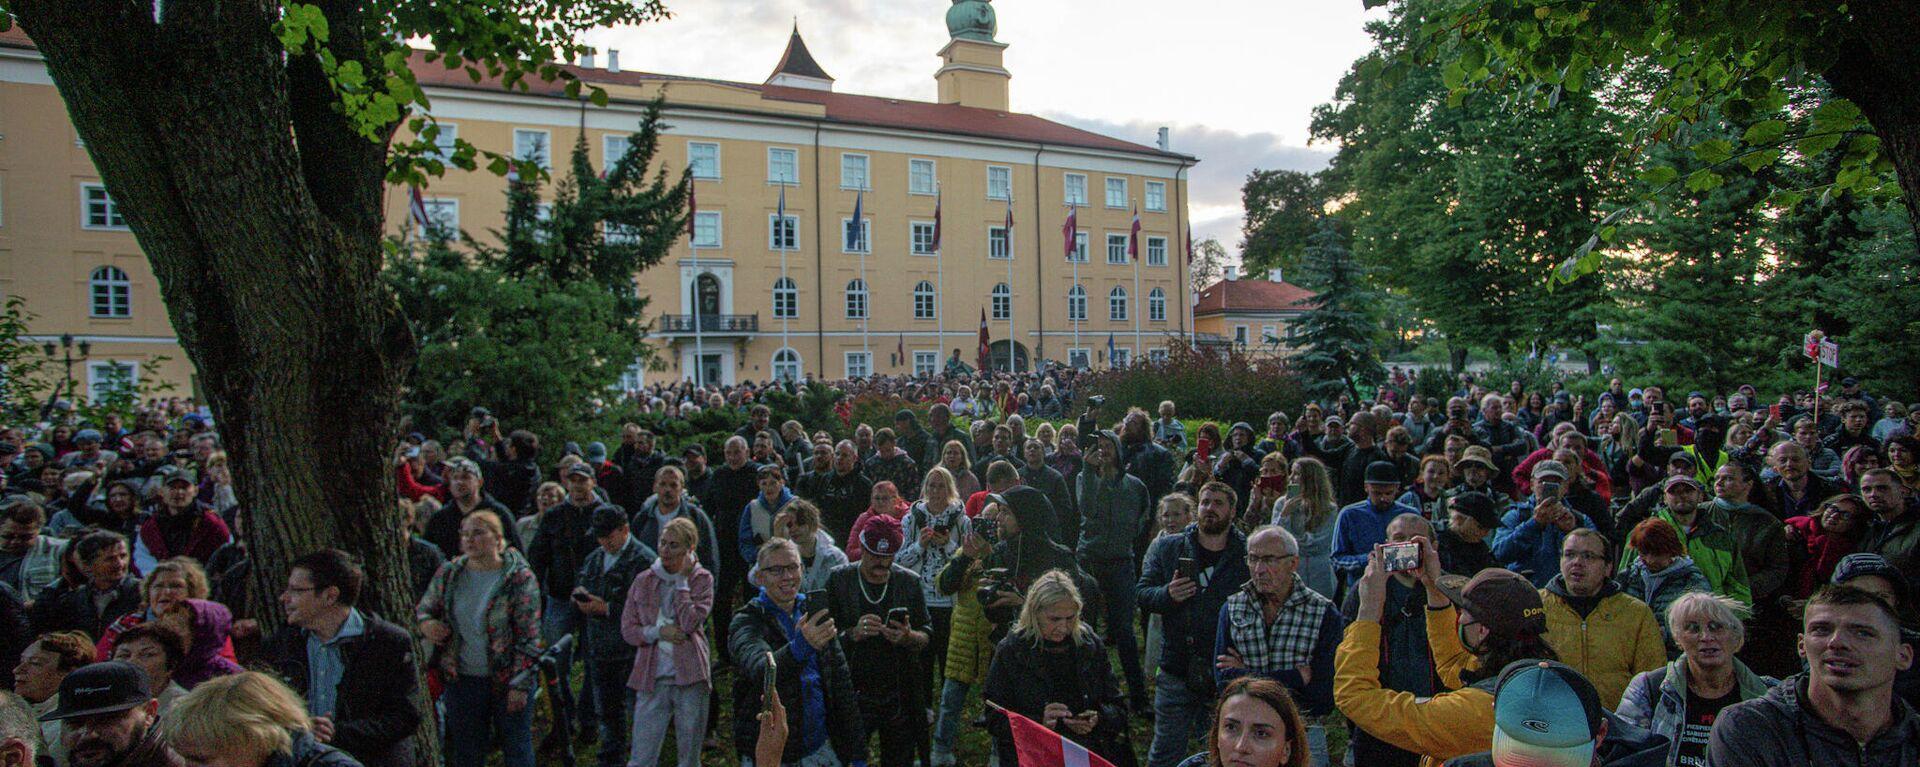 Люди собрались у Рижского замка протестовать против обязательной вакцинации - Sputnik Латвия, 1920, 18.09.2021